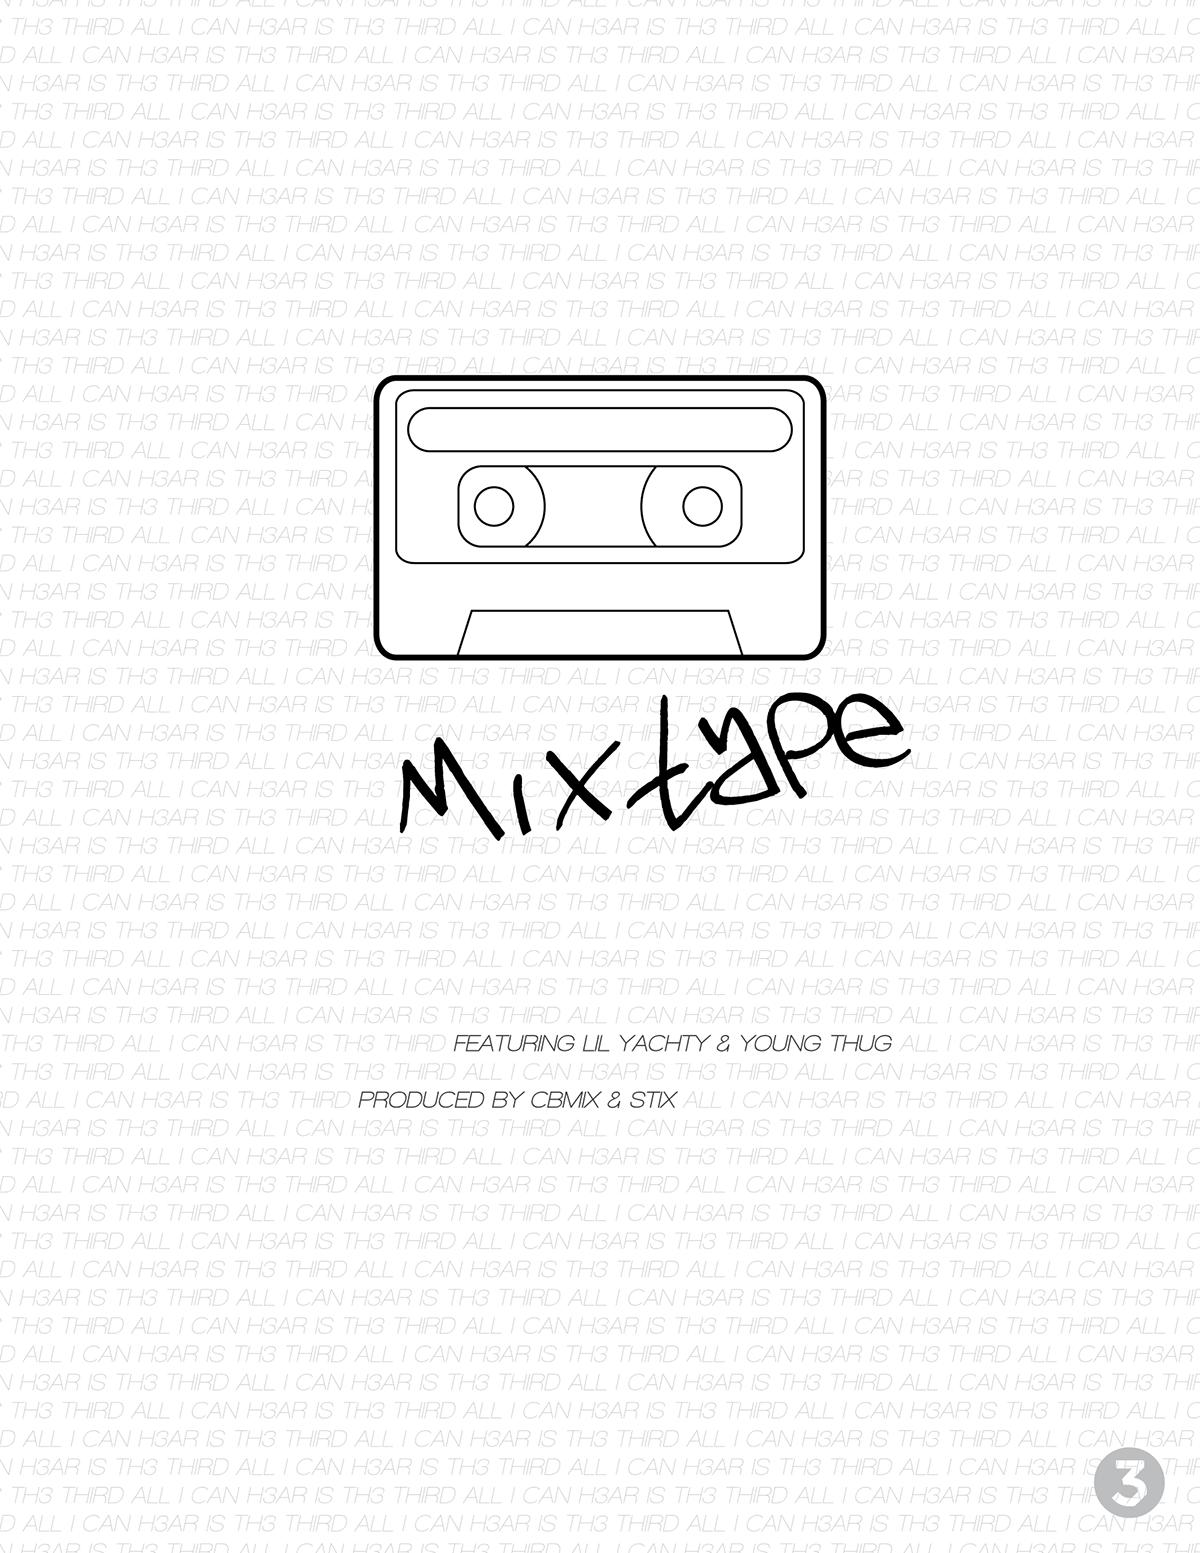 Chance rapper hiphop rap poster Album coloring book chance the rapper Social Experiment Kanye West Visual Album art